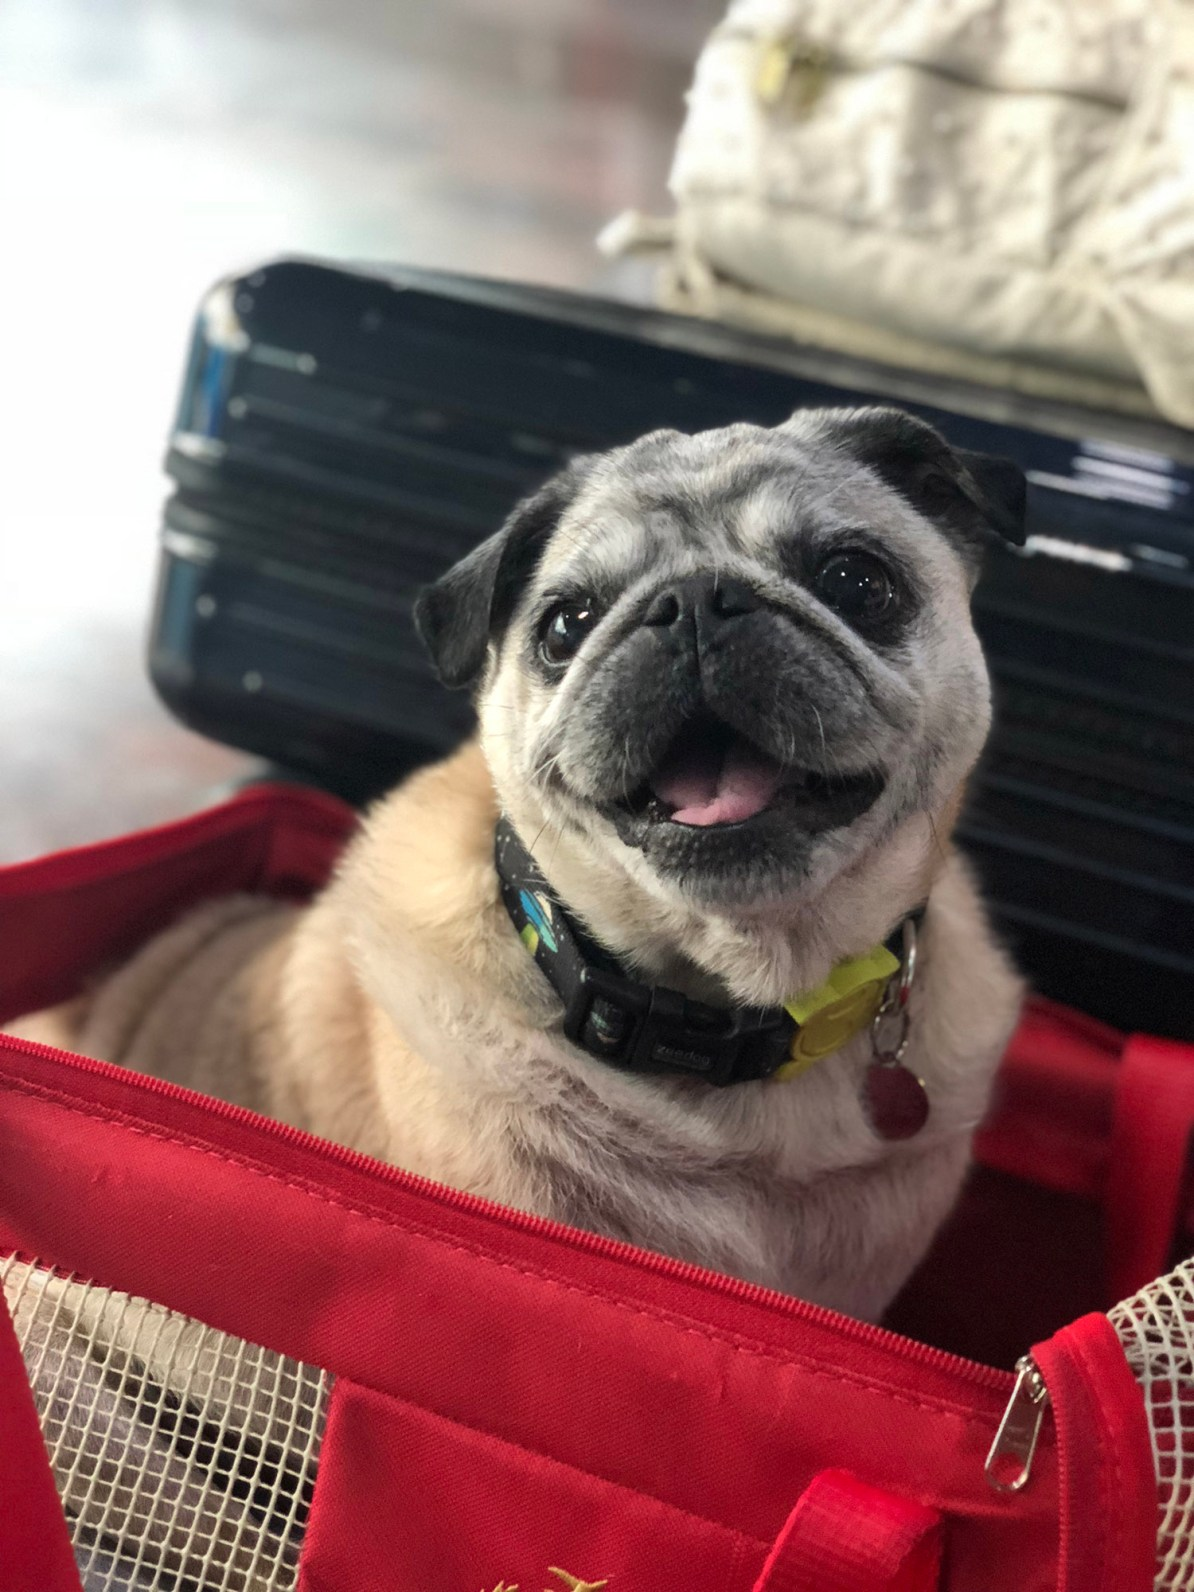 Viajando com Pets - Viagem de avião com pets